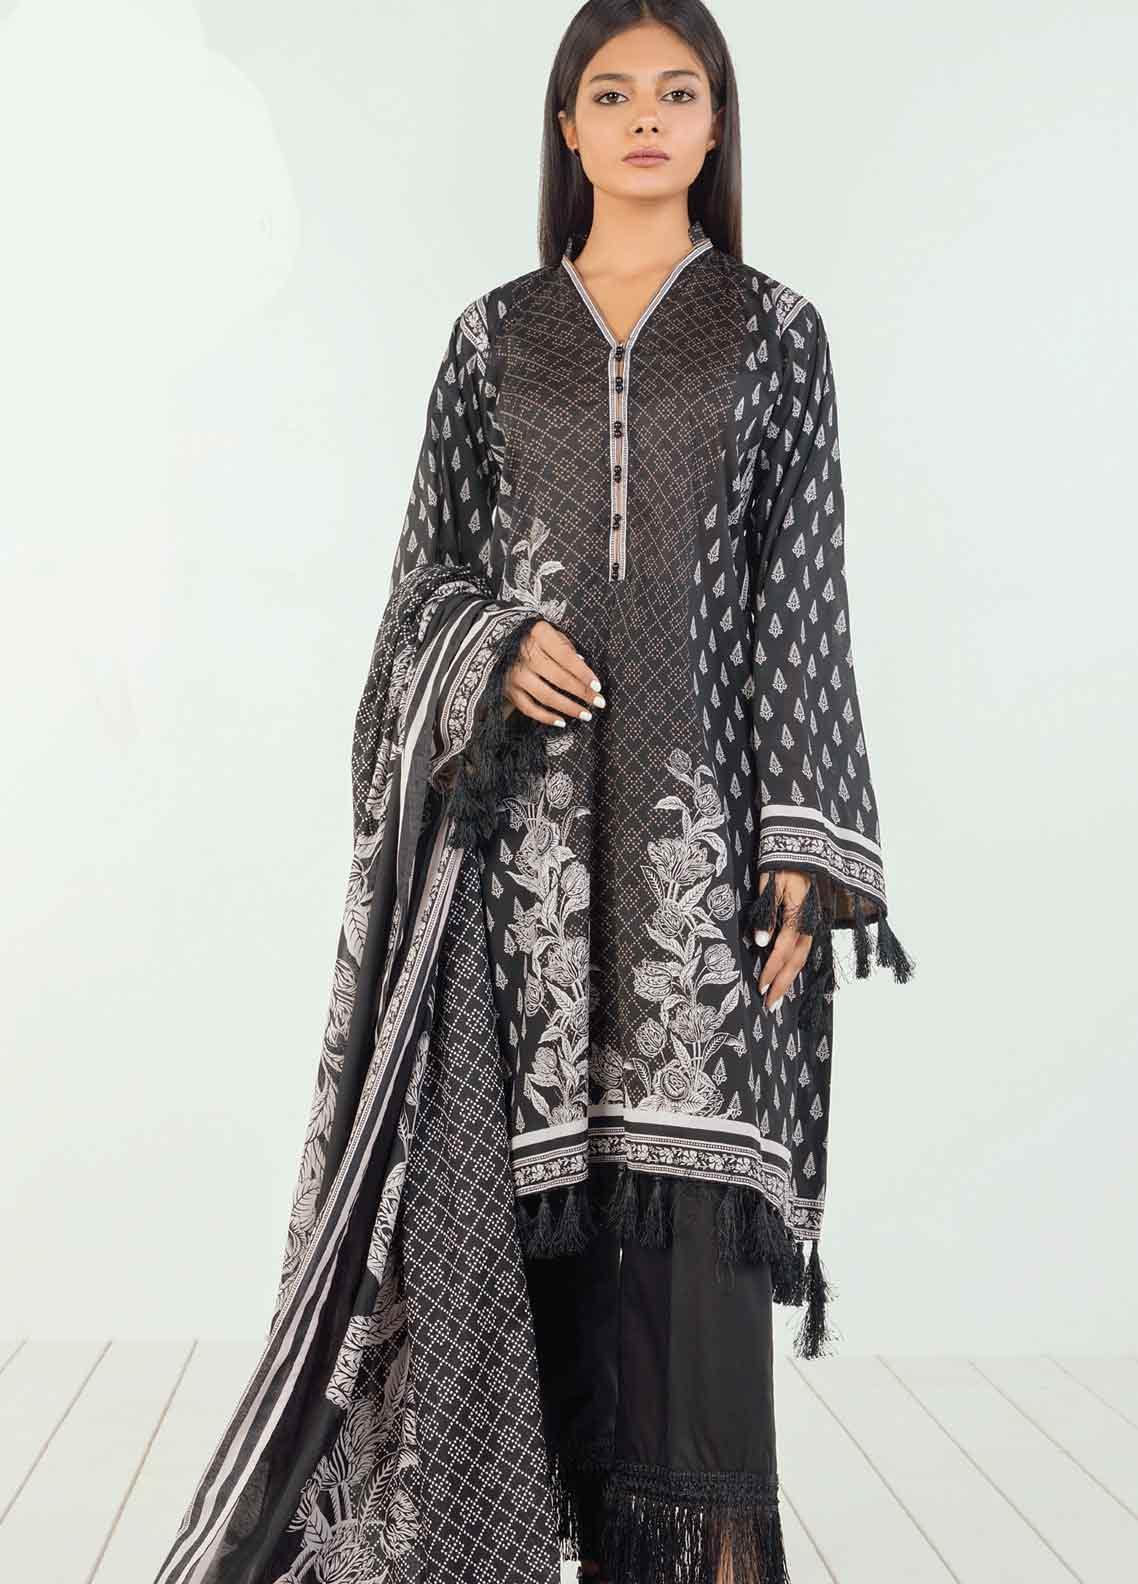 Orient Textile Printed Lawn Unstitched 3 Piece Suit OT19BW 126 - Black & White Collection